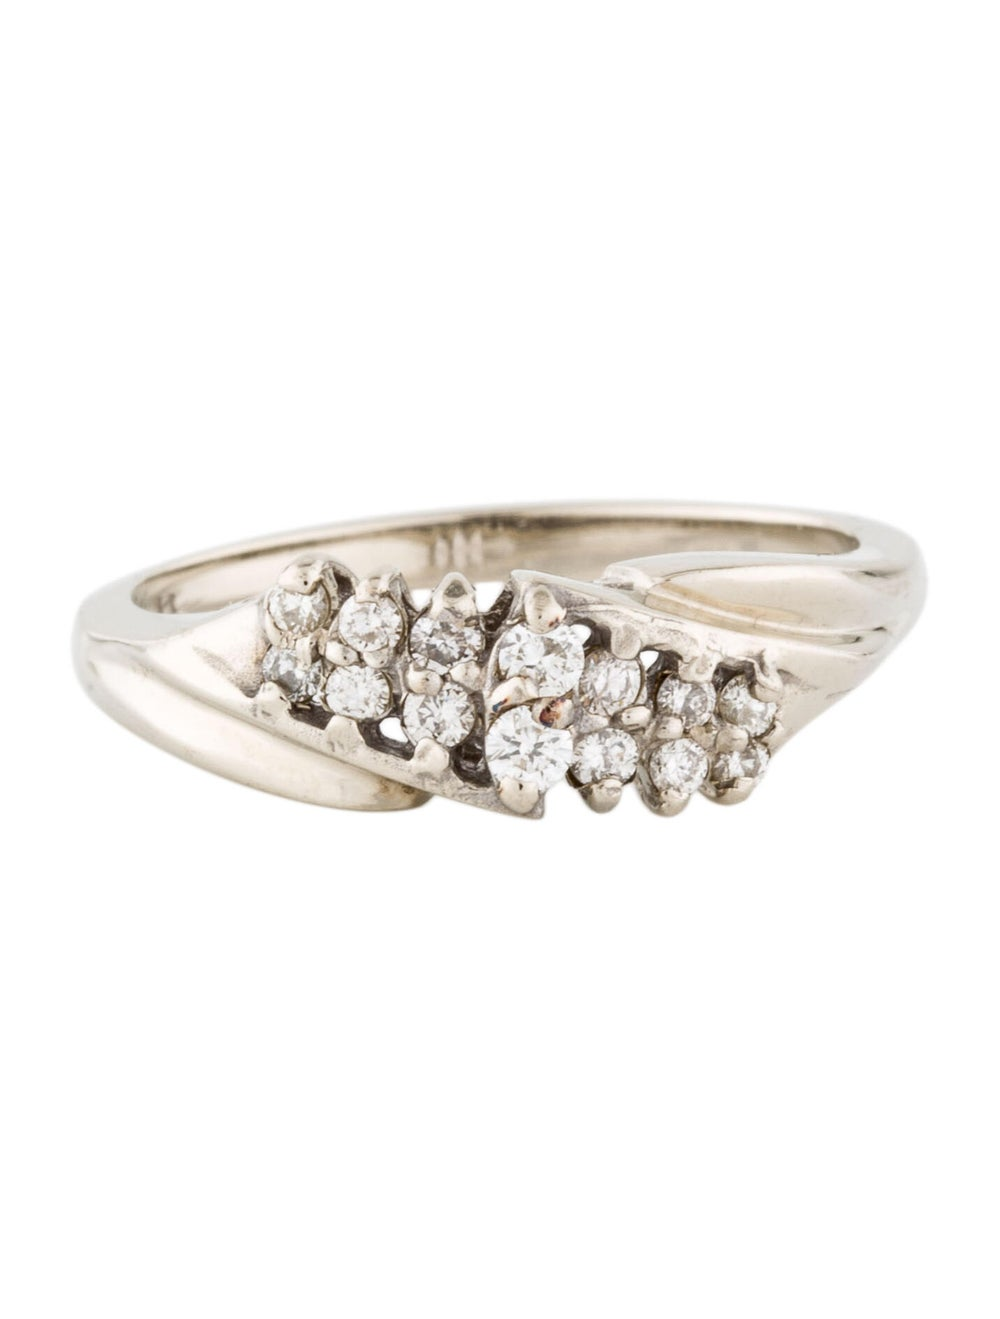 14K Diamond Cocktail Ring white - image 3